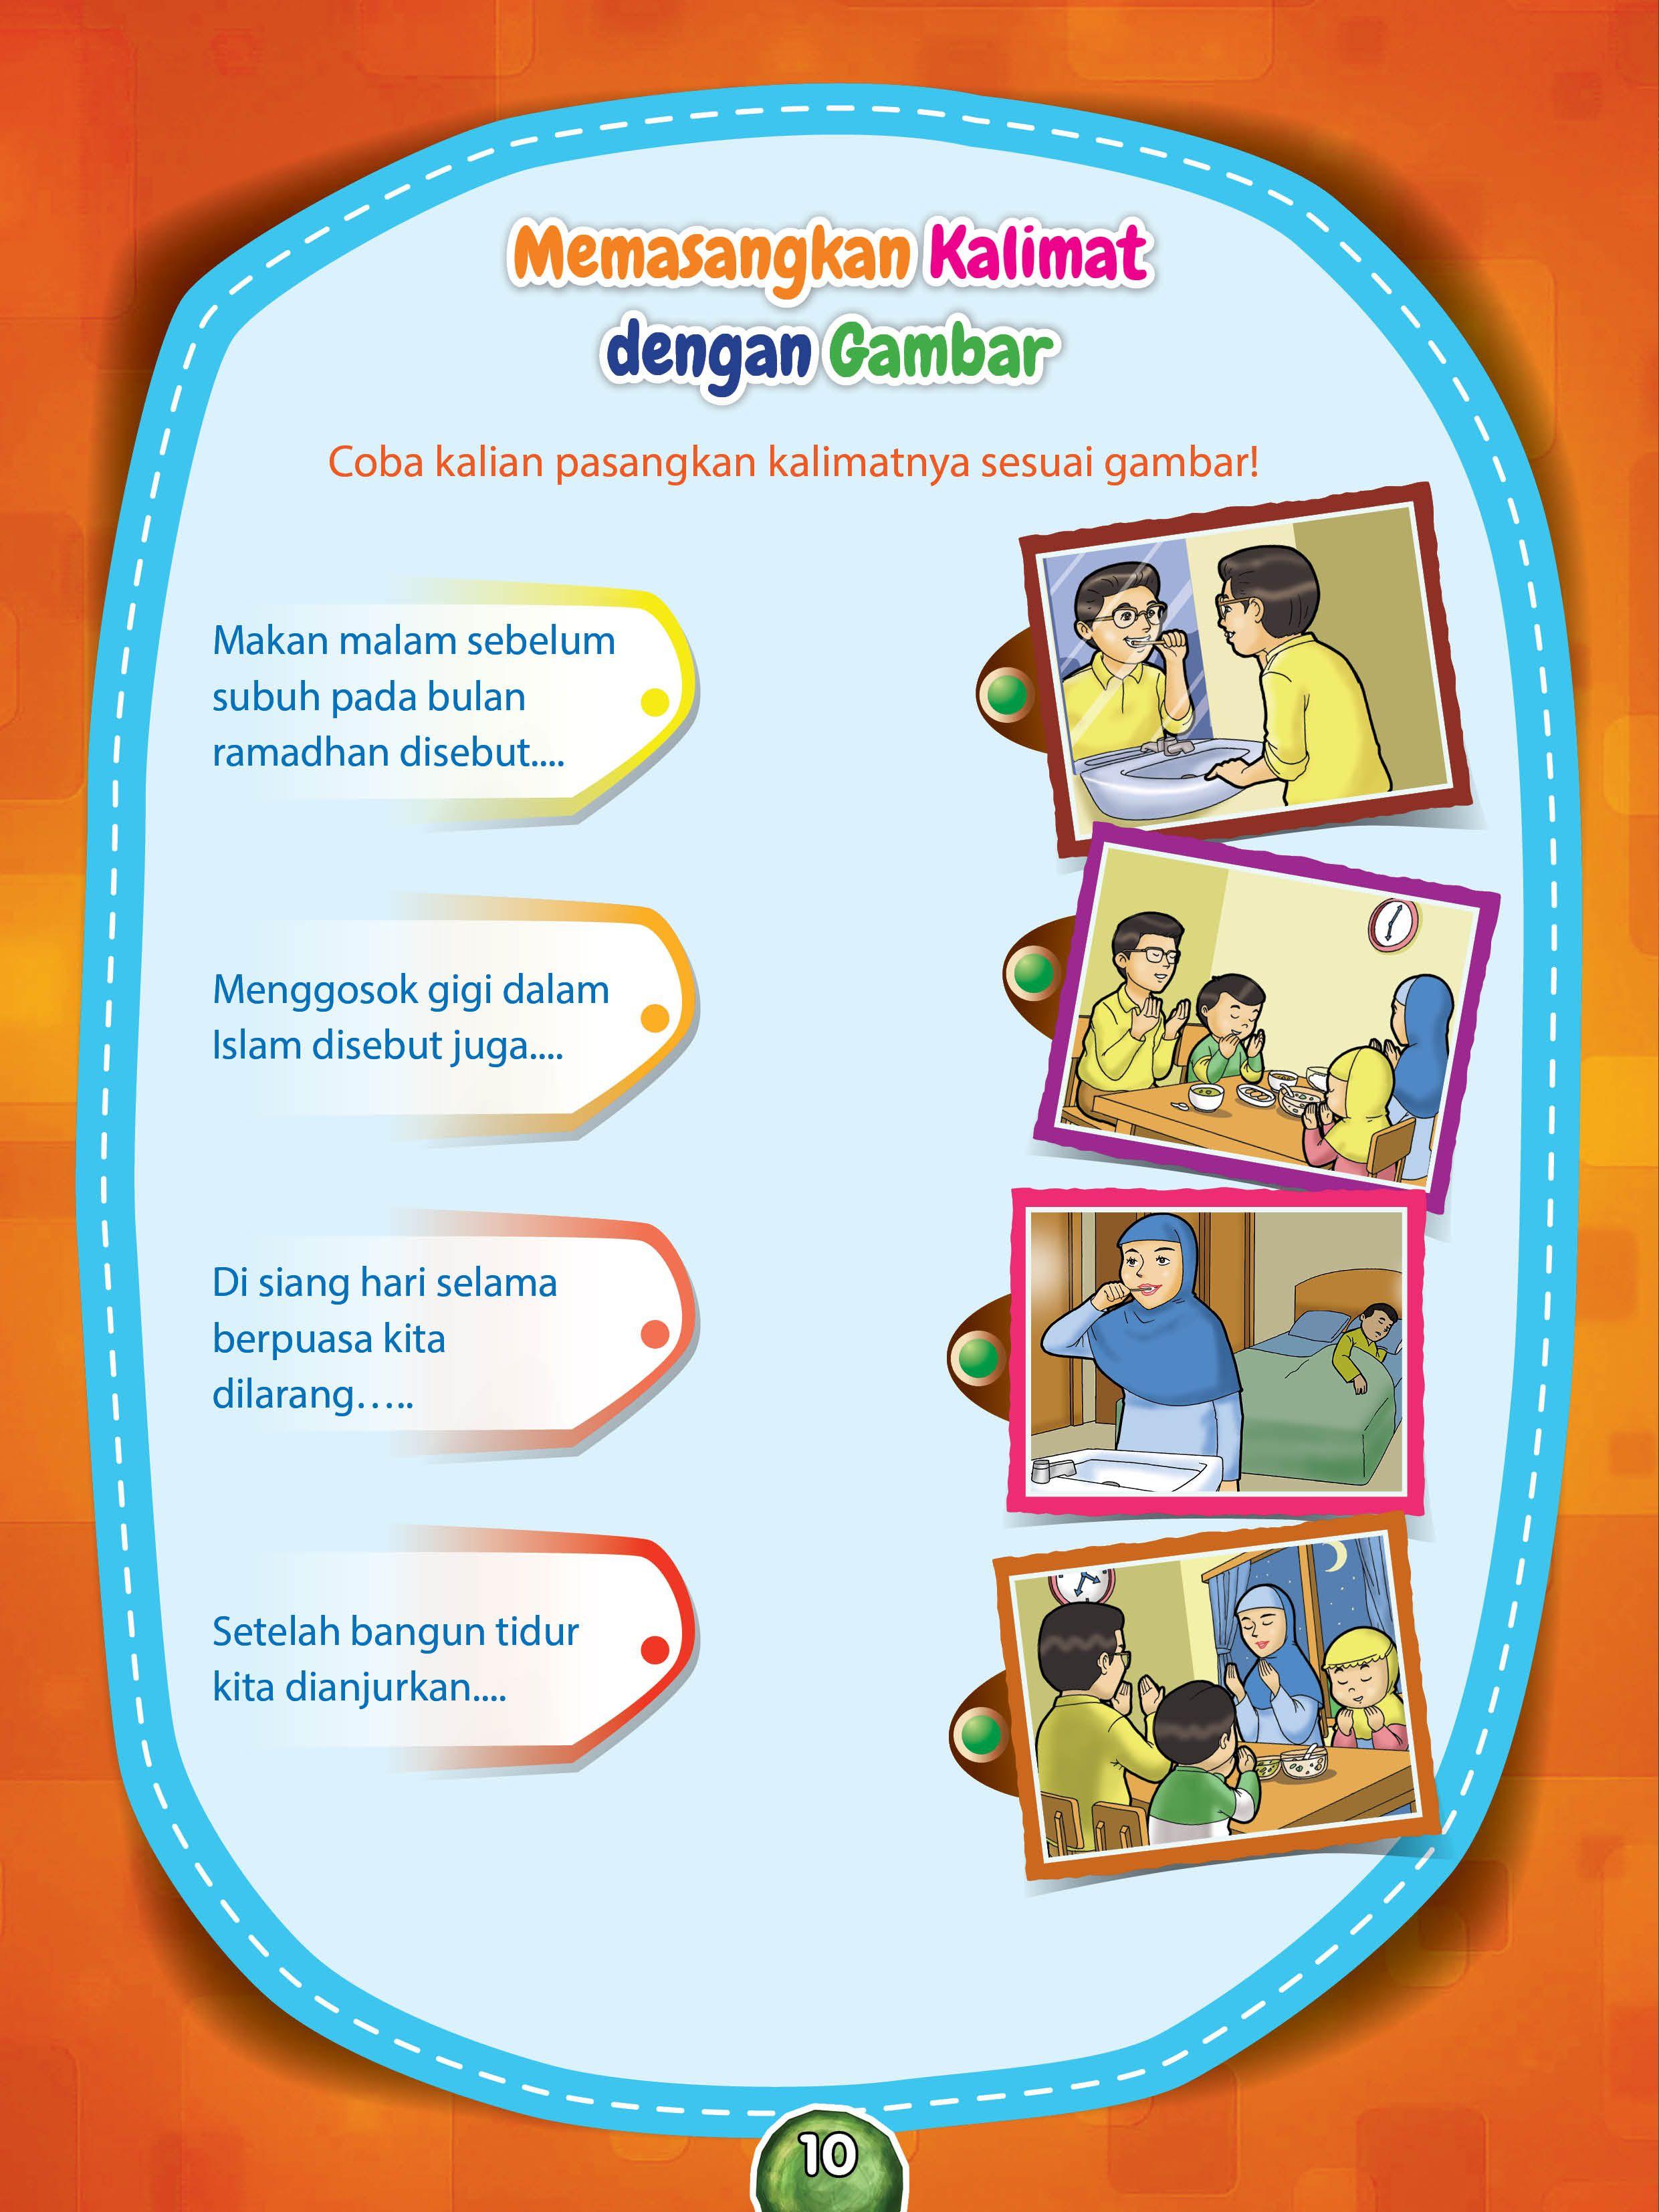 Memasangkan Kalimat Sesuai Gambar Pendidikan Buku Anak Pendidikan Anak Usia Dini